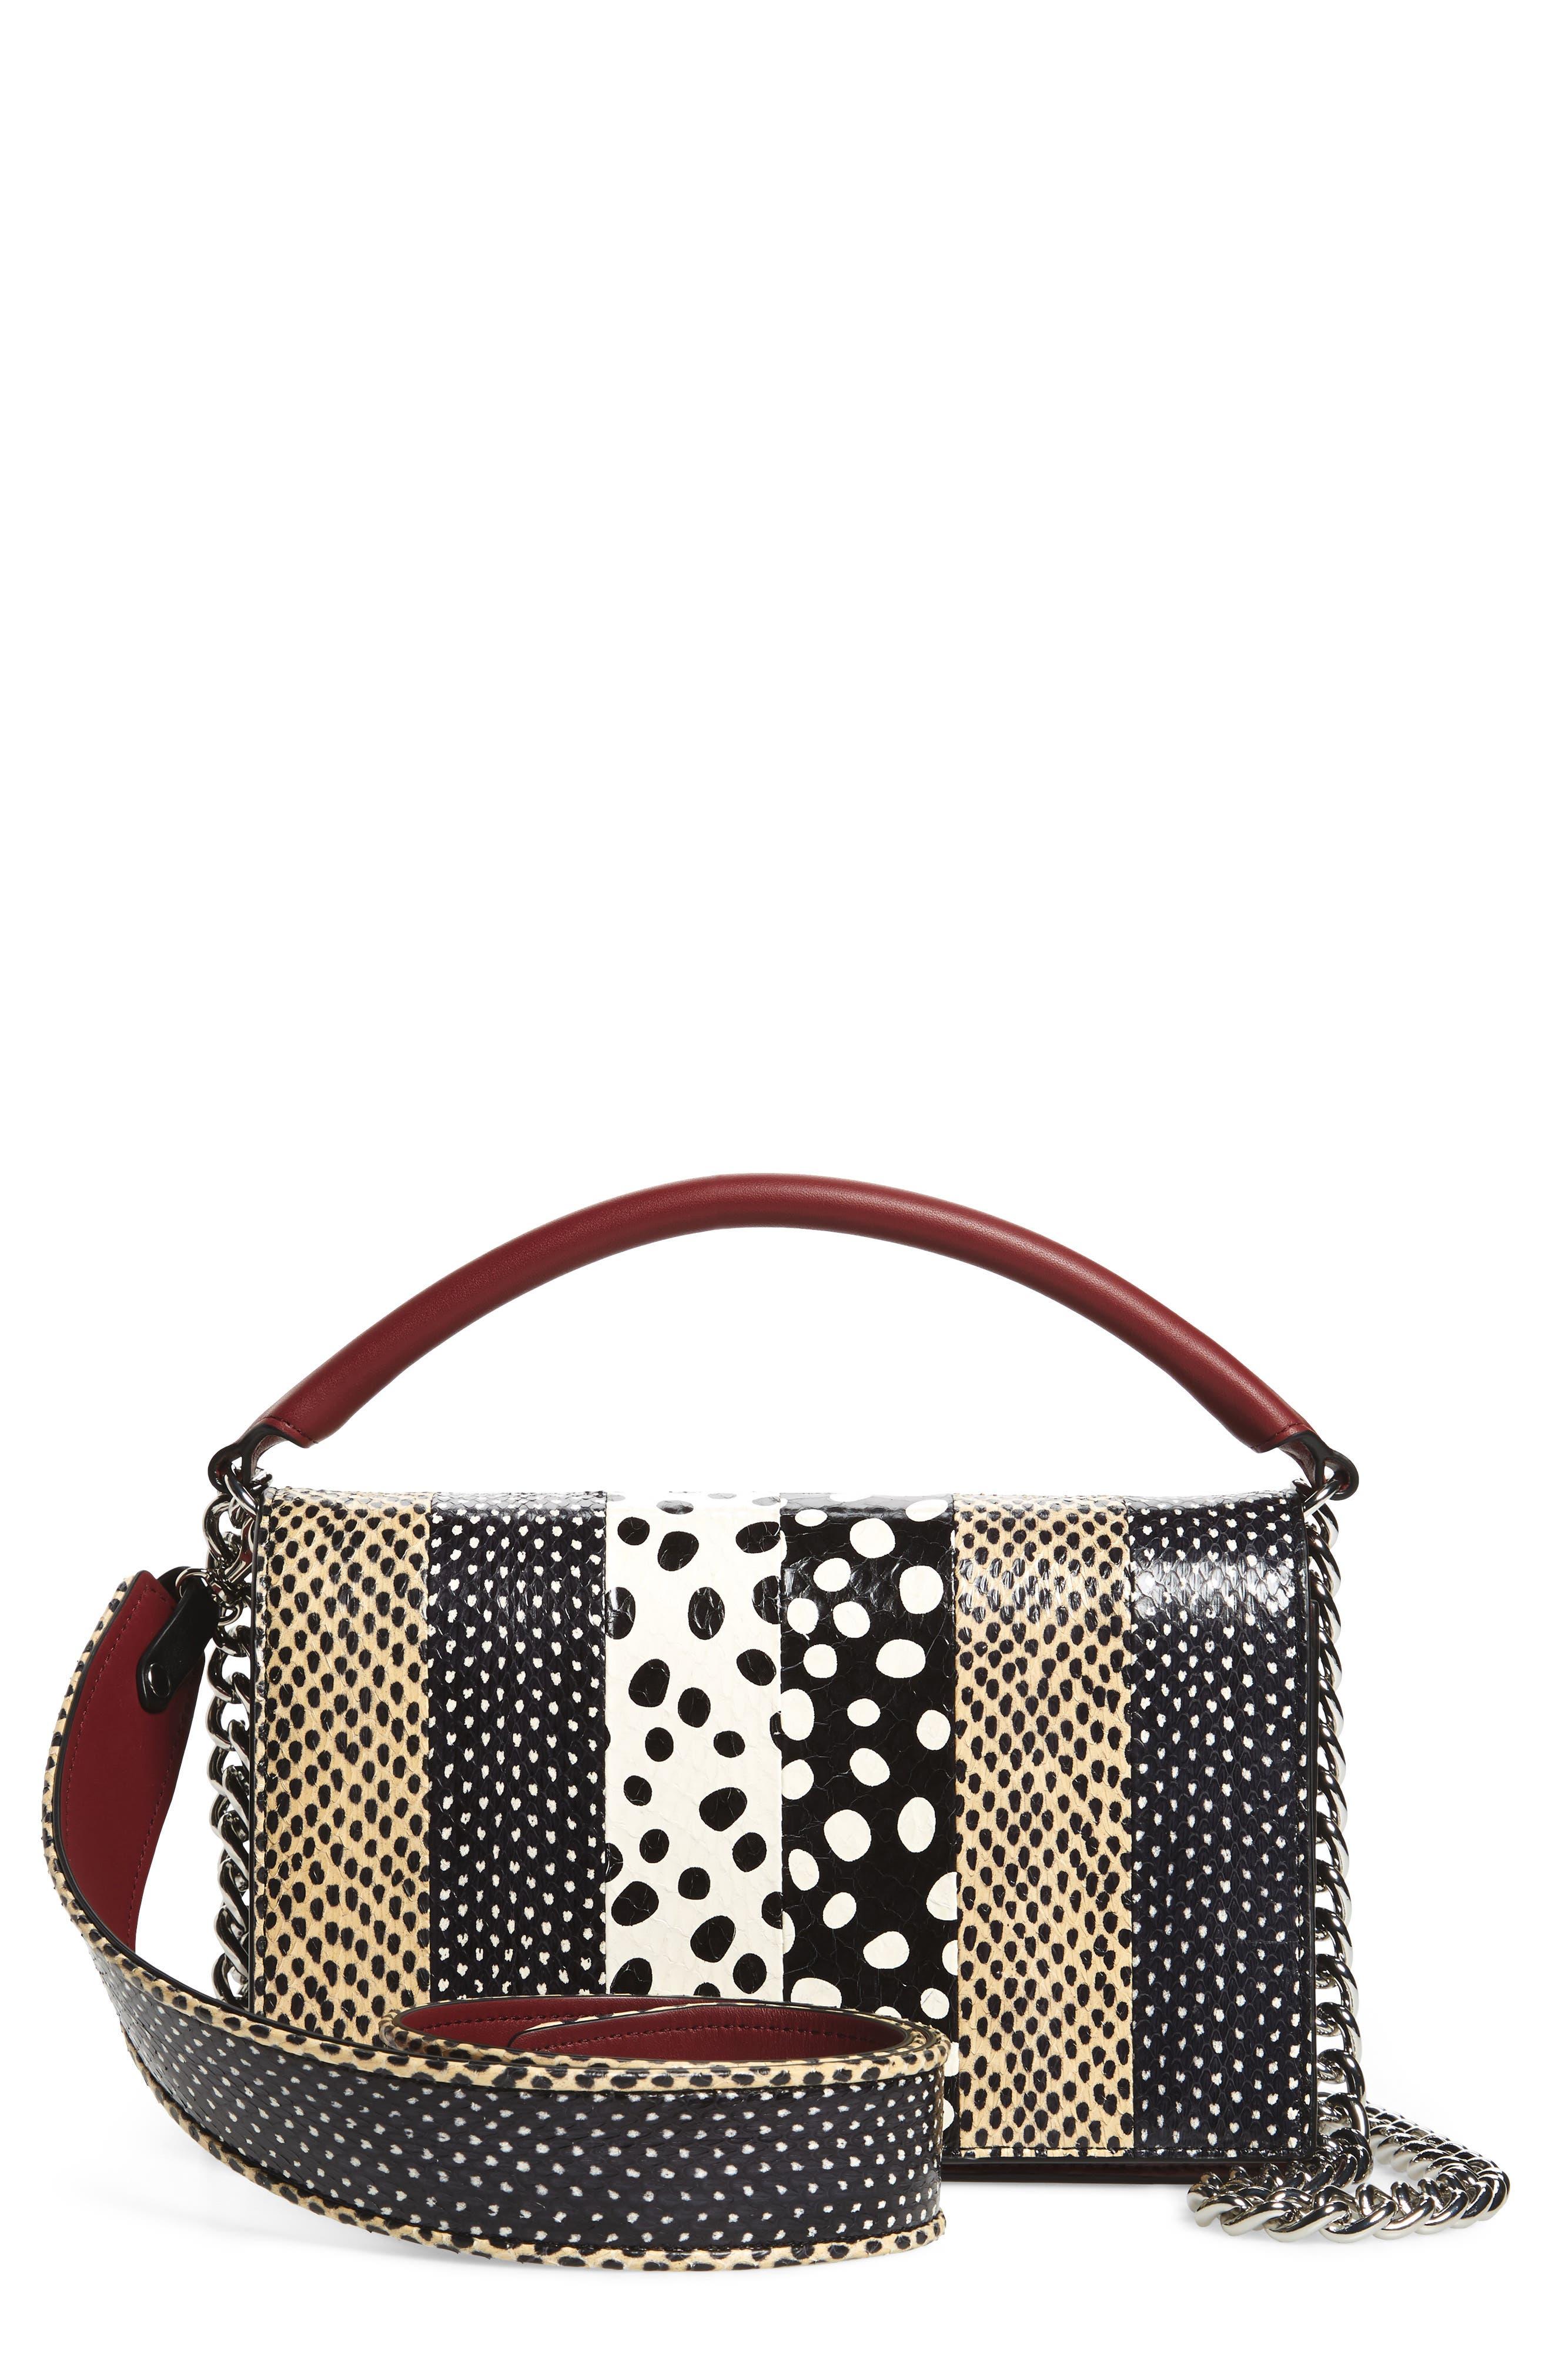 Bonne Soirée Leather & Genuine Snakeskin Top Handle Bag,                             Main thumbnail 1, color,